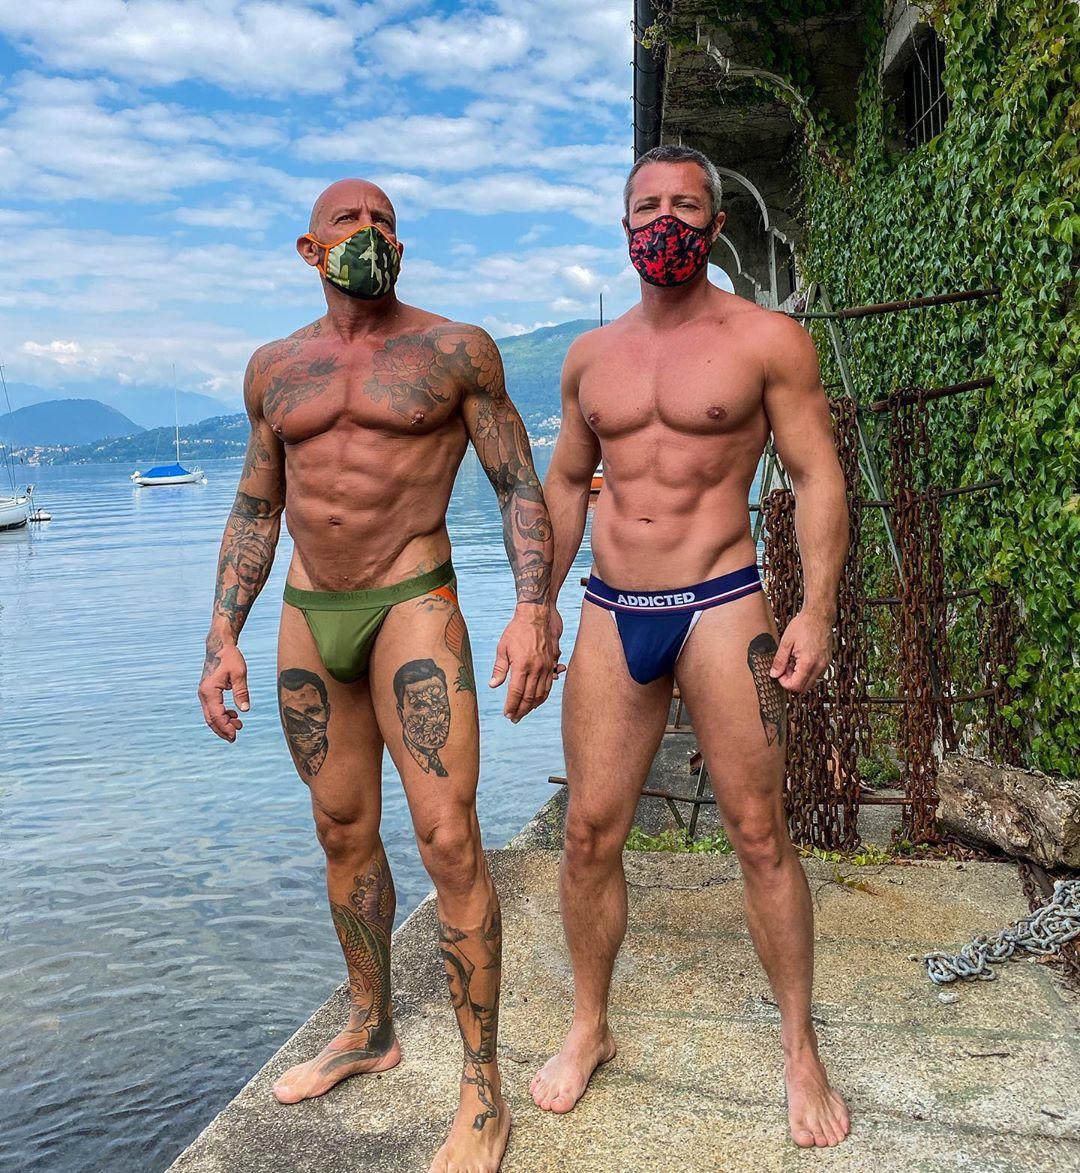 . Gay Boyfriend Couple Follow IG ( @francesconix2 & @gionnicalde ) . 👬👨❤️👨💪♂️🌈🏳️🌈 #gay #gaylife #gaypride #gaymen #gaylove #lgbtpride #lgbtq #loveislove #lovewins #gayboyfriendcouple #gayrelationship #gaycouple #gaymuscle https://t.co/zVFiaIBIFO